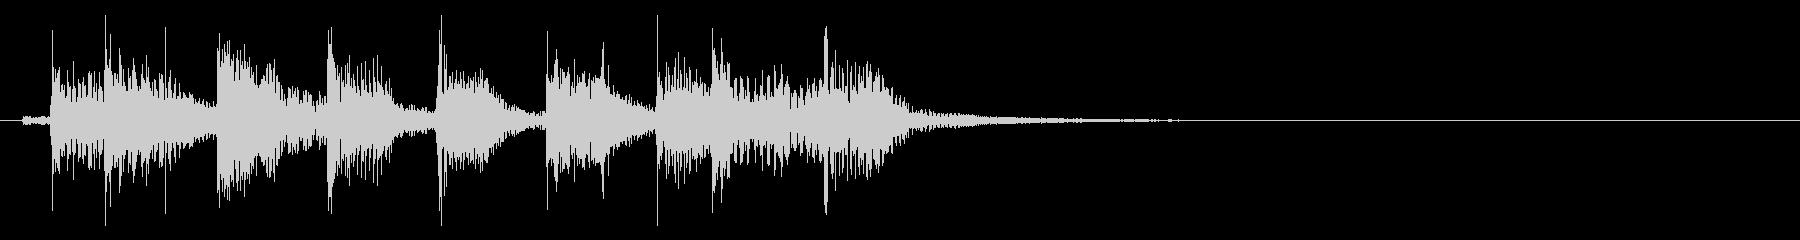 インパクトあるロックなジングル30の未再生の波形